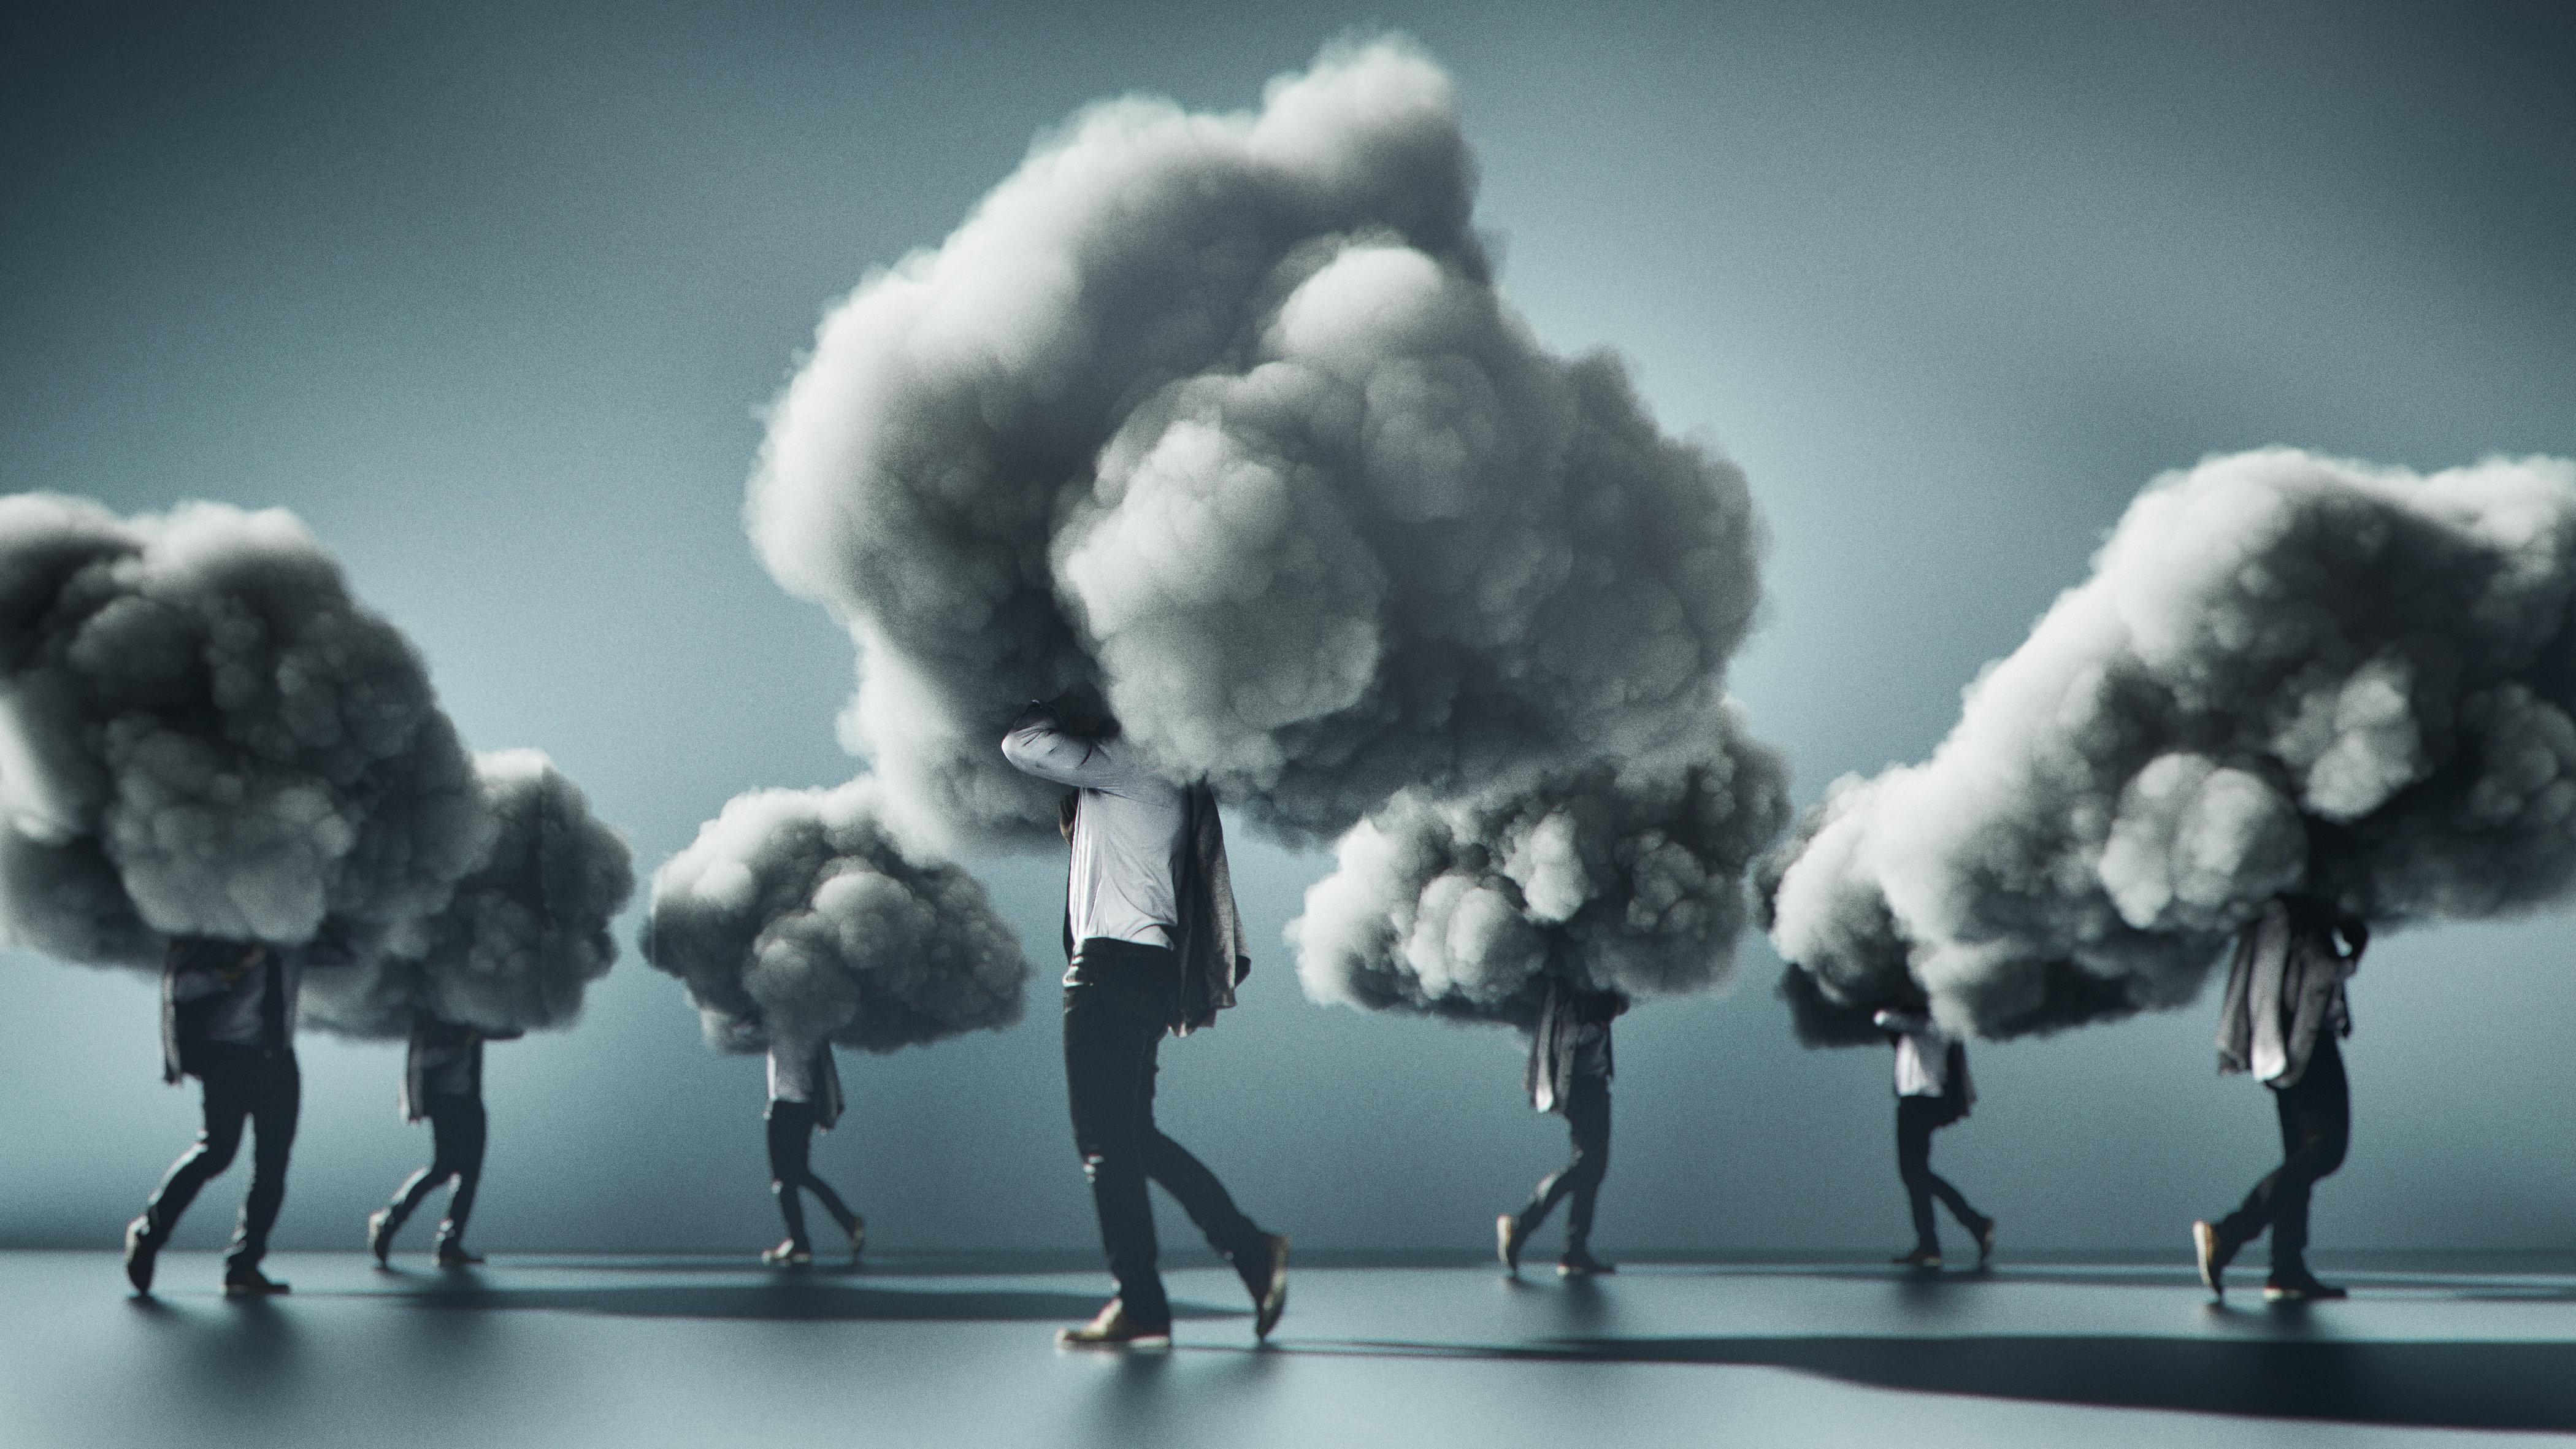 Ερευνα: Η κλιματική αλλαγή μας κάνει (μάλλον) πιο